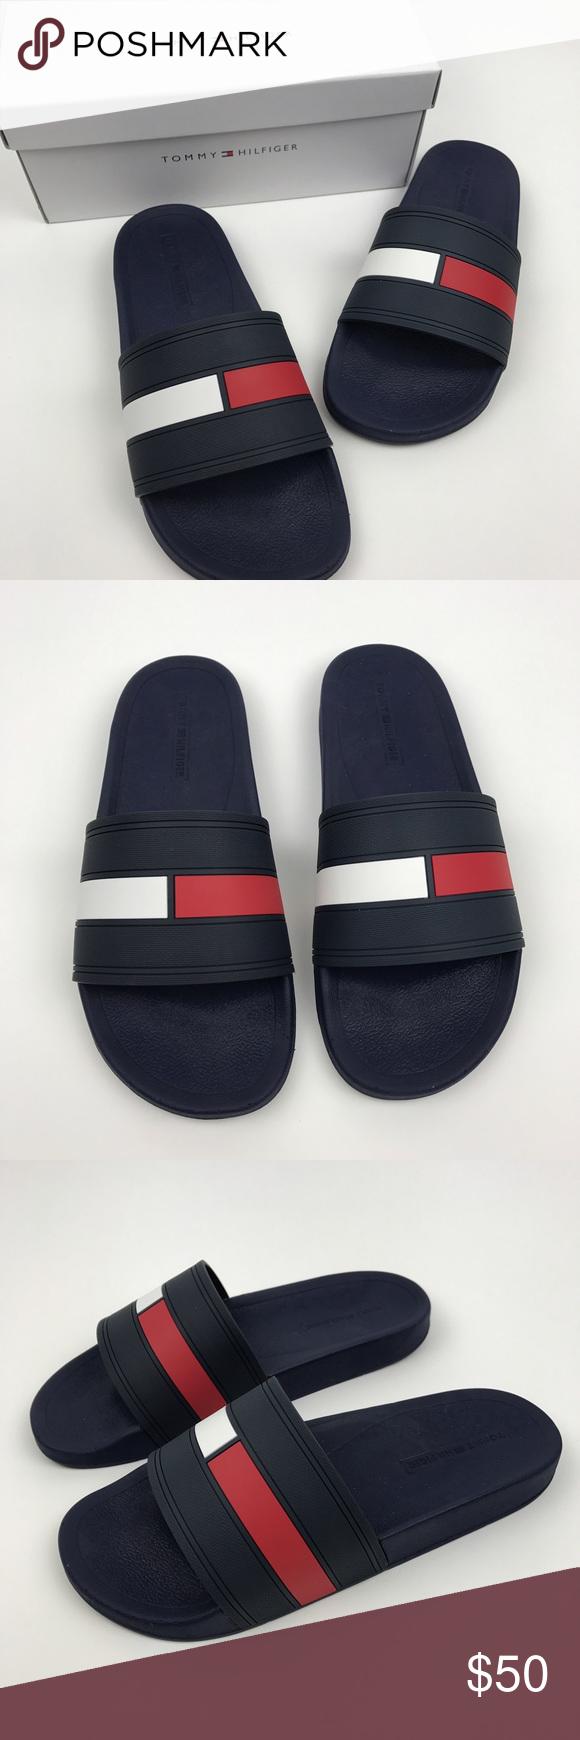 1db0338c7d86  Tommy Hilfiger  Men s Flag Logo Slides Sandals 10 Tommy Hilfiger Ernst.  Dark navy blue slip on sandals. Red and white flag logo across the strap.